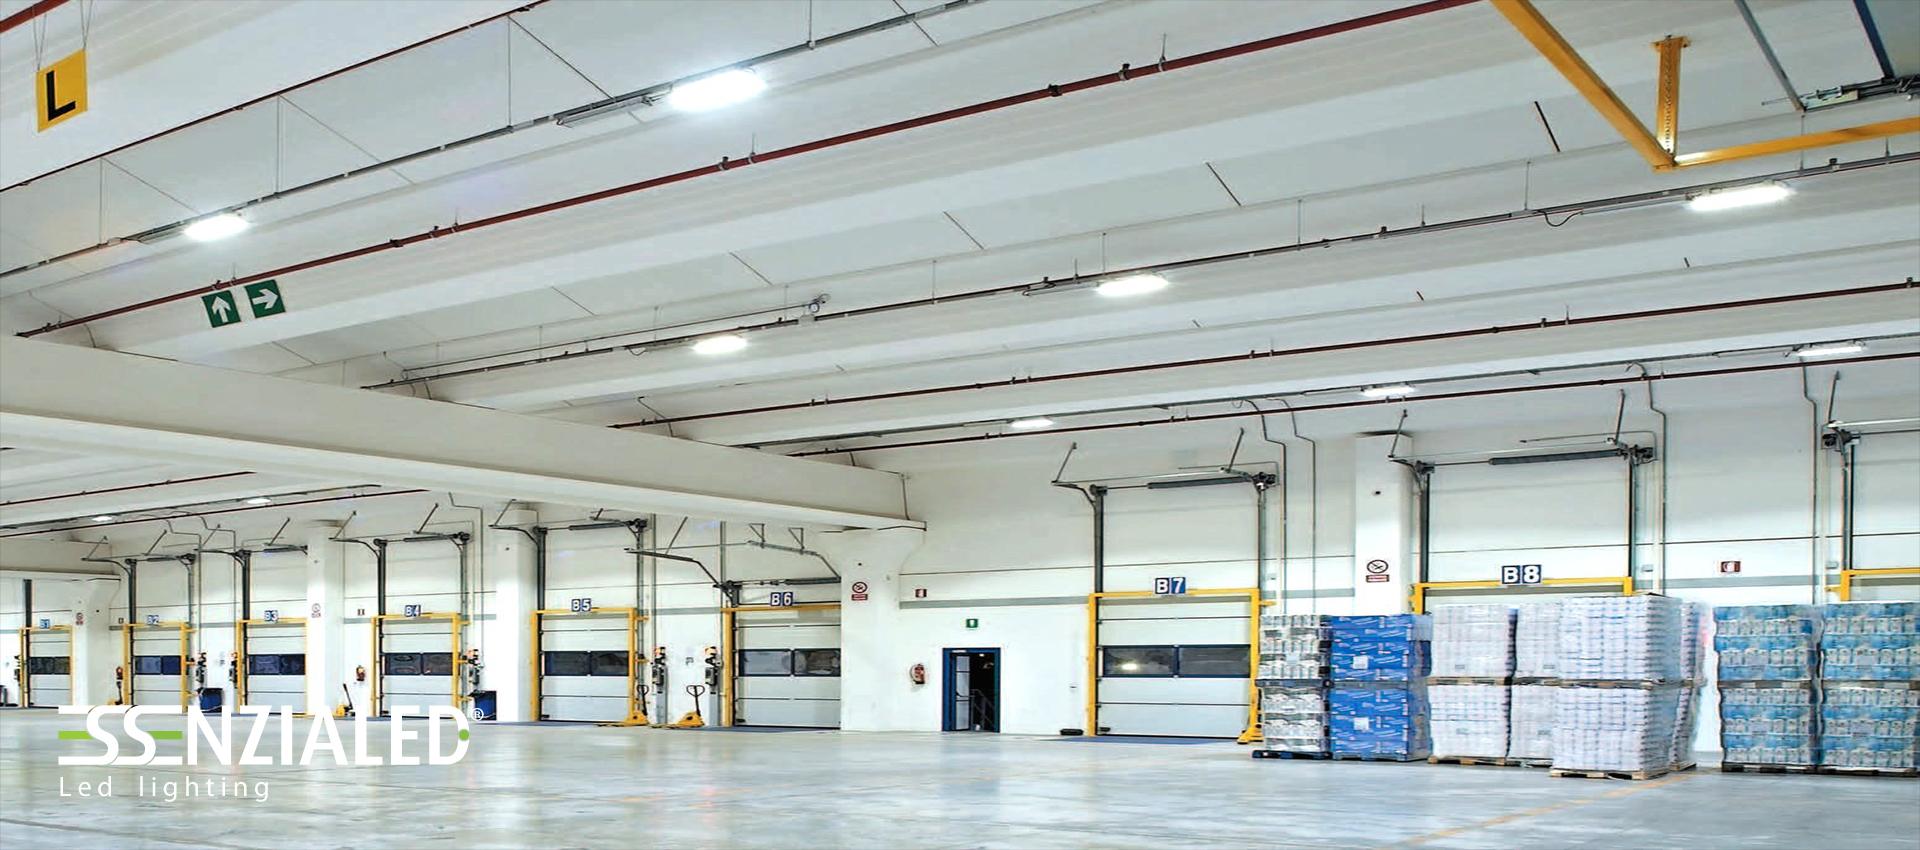 Illuminazione Led industriale -Essenzialed -5 Anni di garanziaEssenzialed – I...